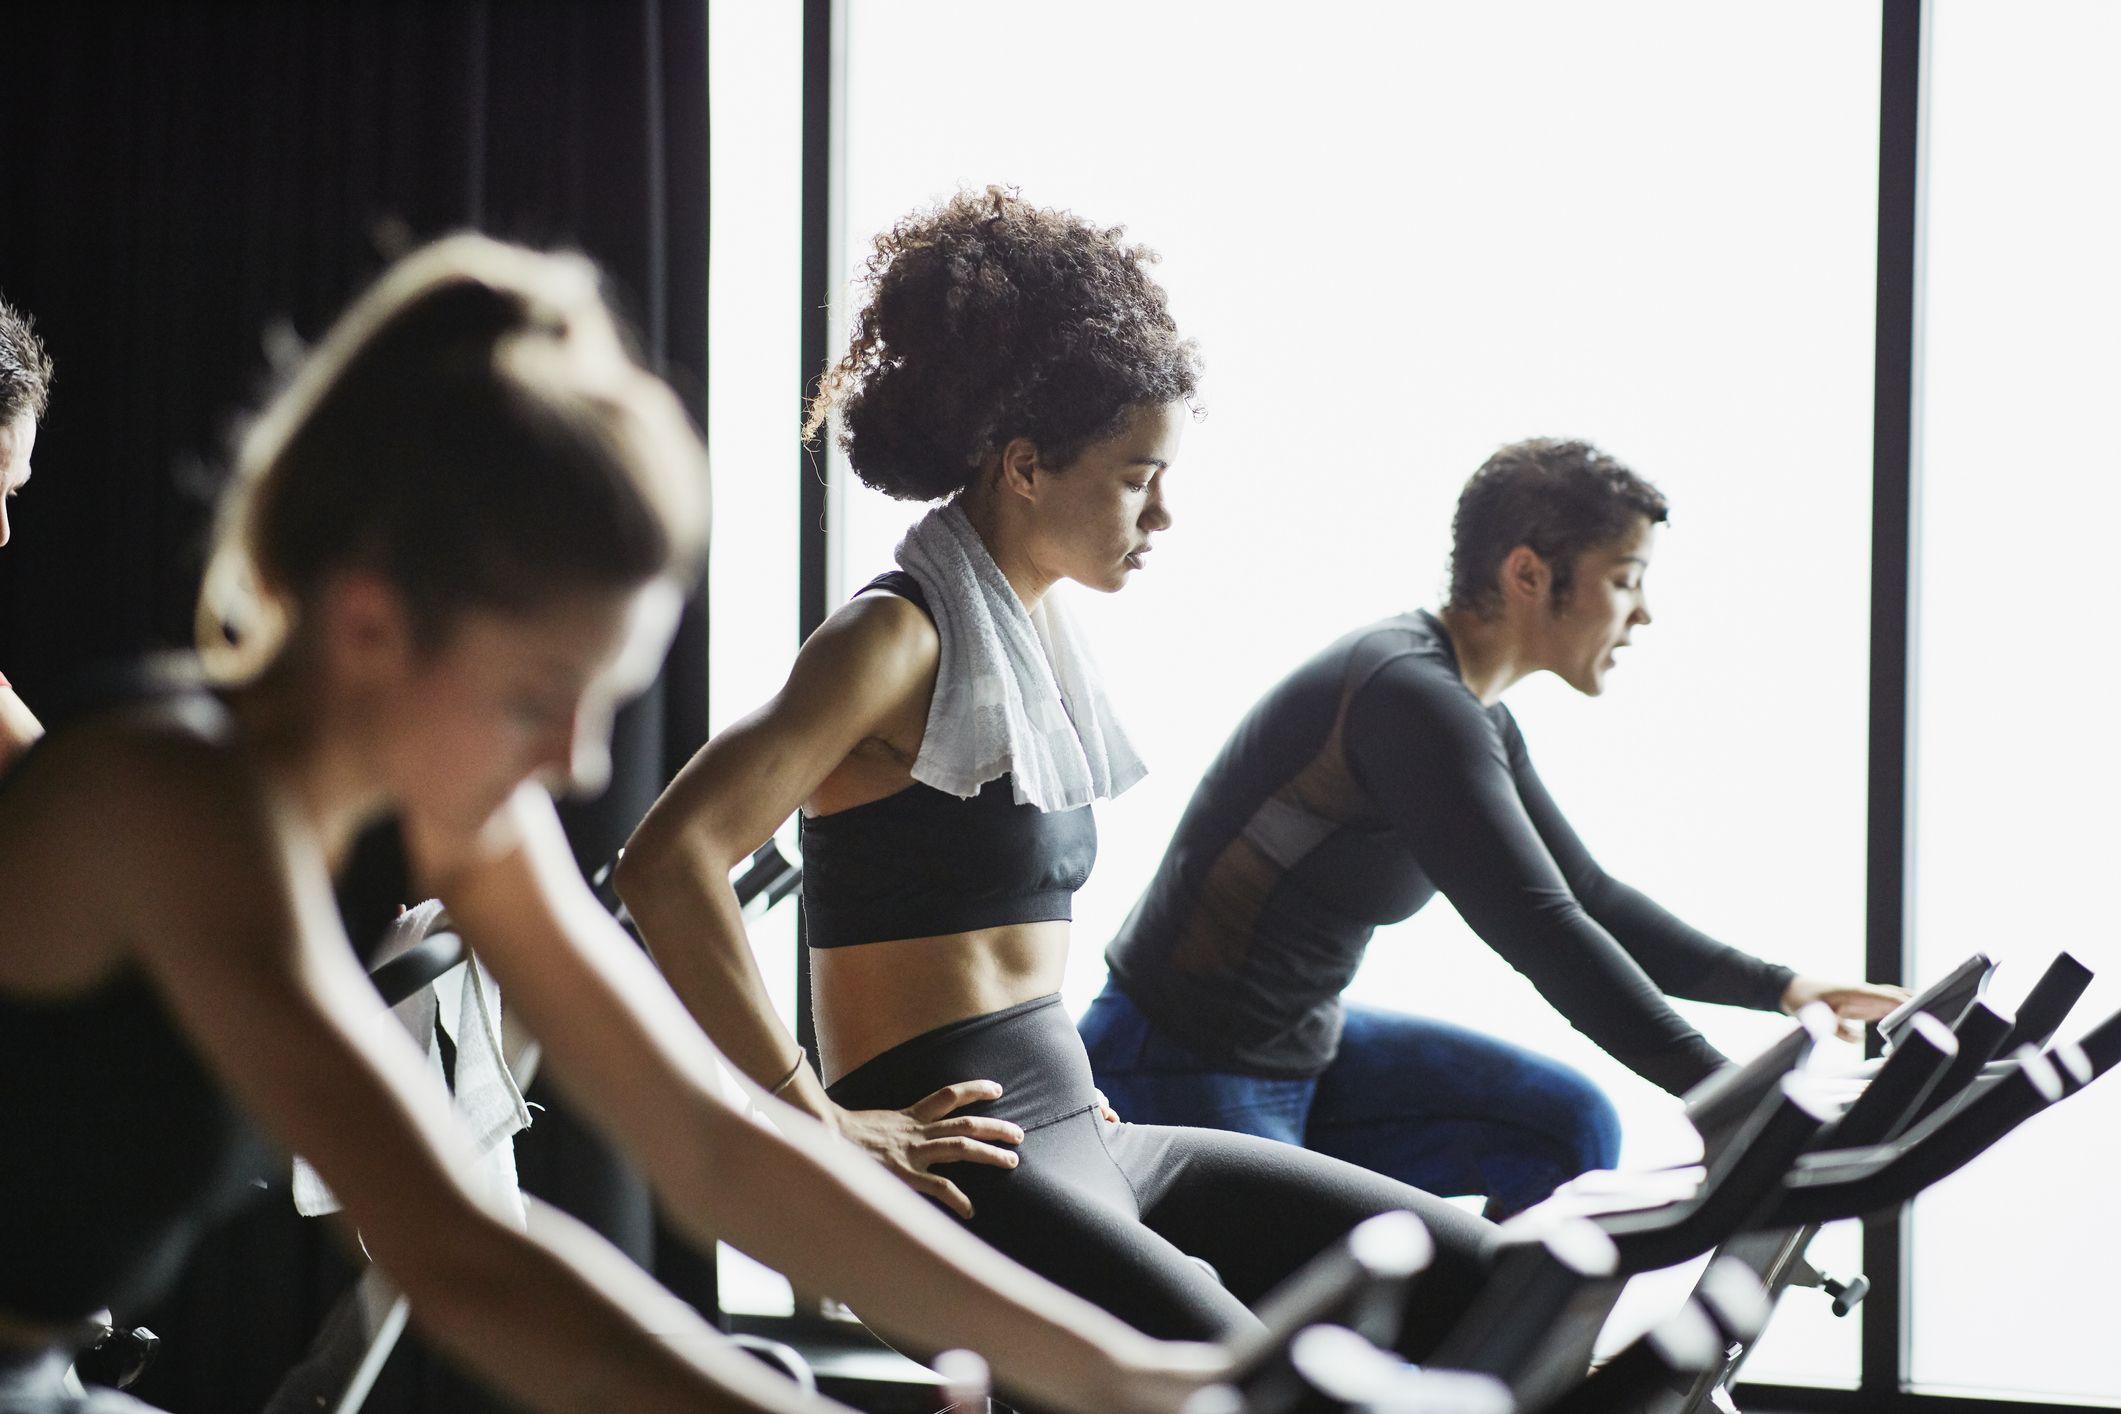 mejor ejercicio de cardio para adelgazar